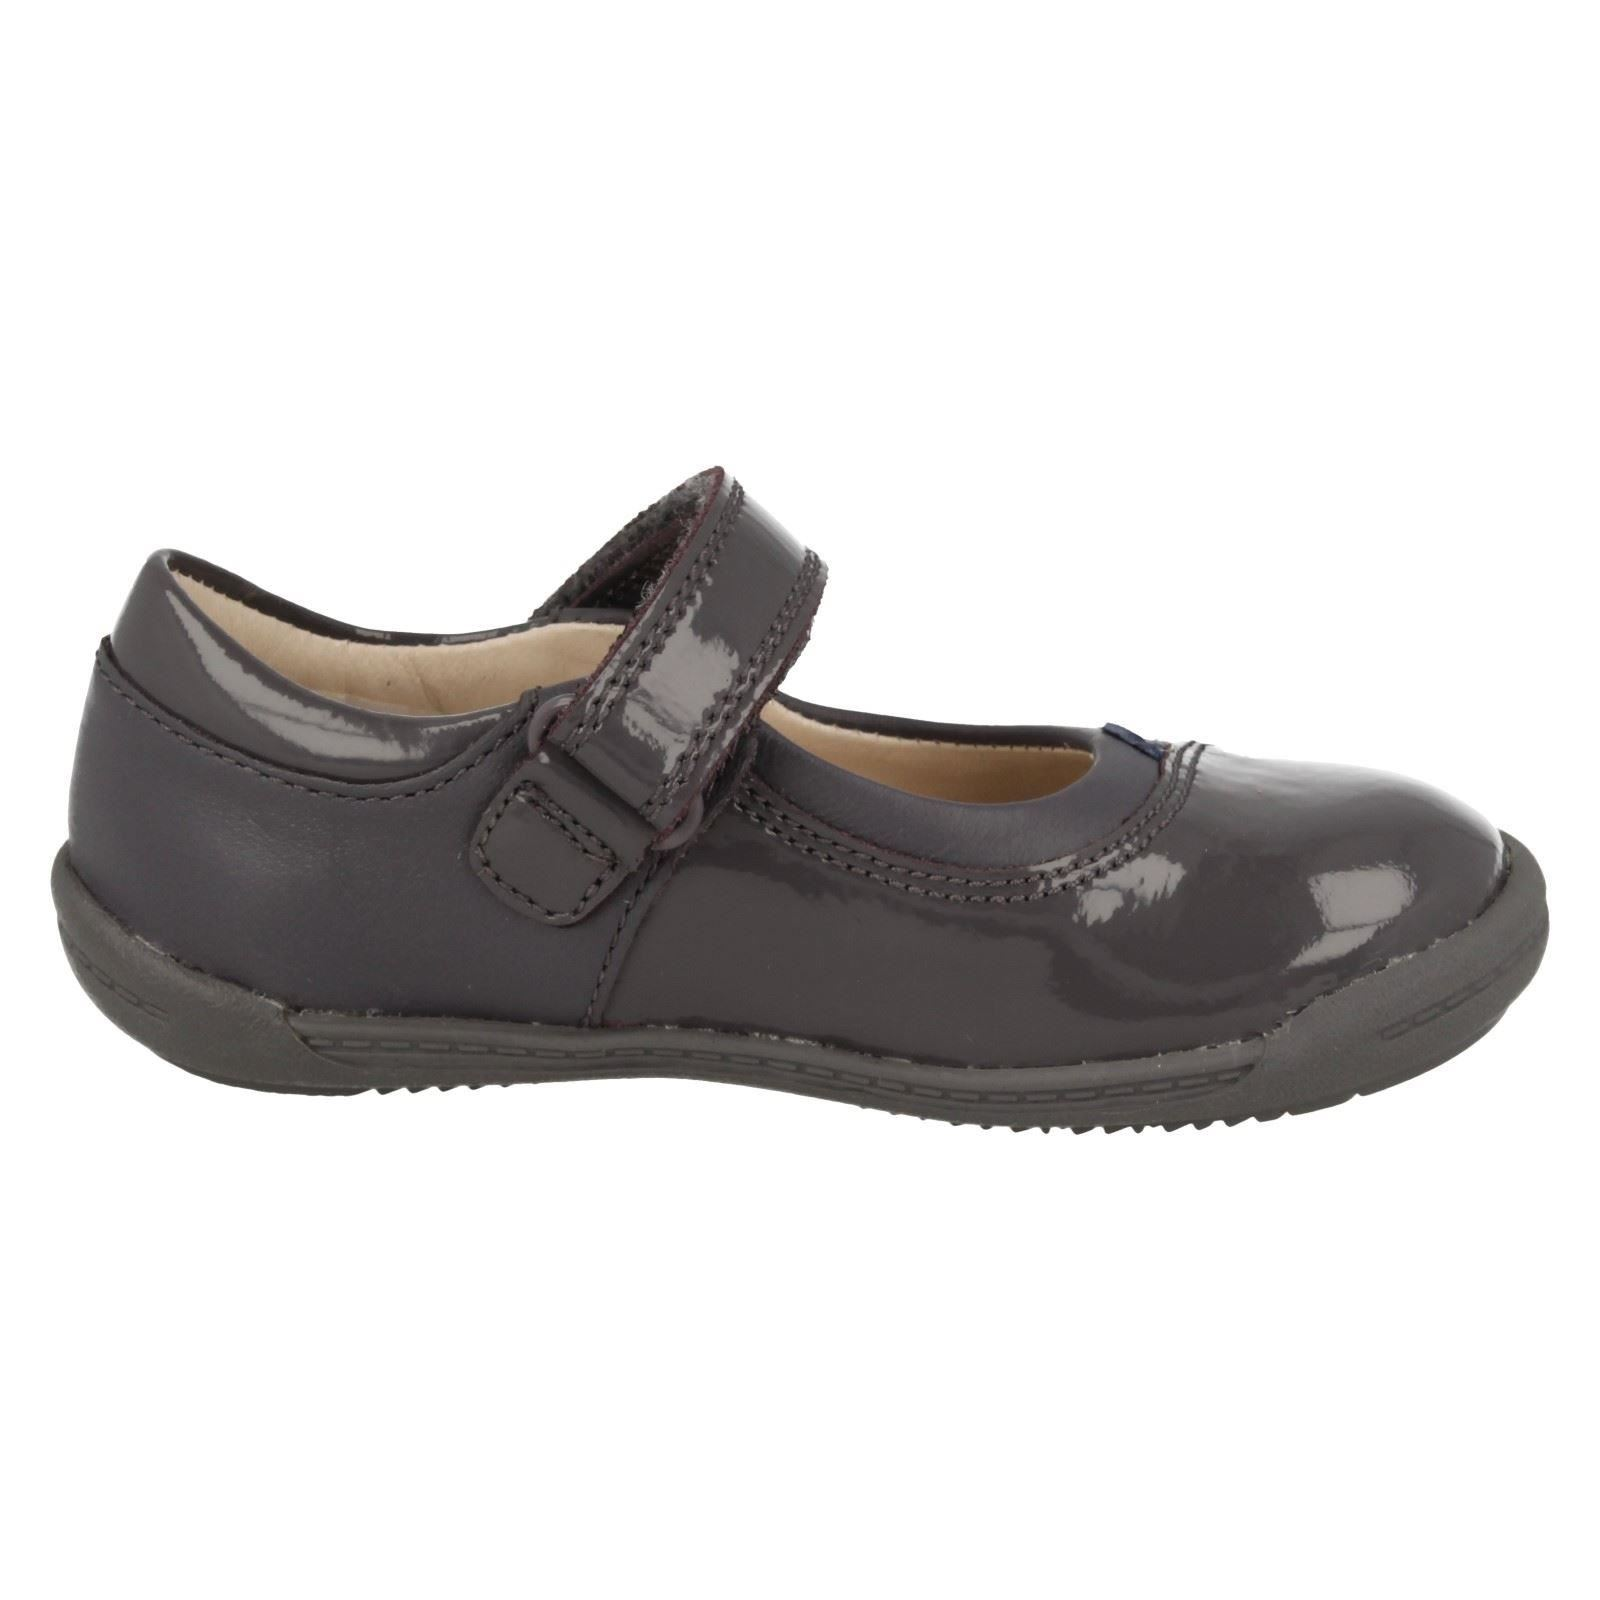 Primeros Softly Zapatos' Niña ' Clarks Caz BC7Fq5nwPZ